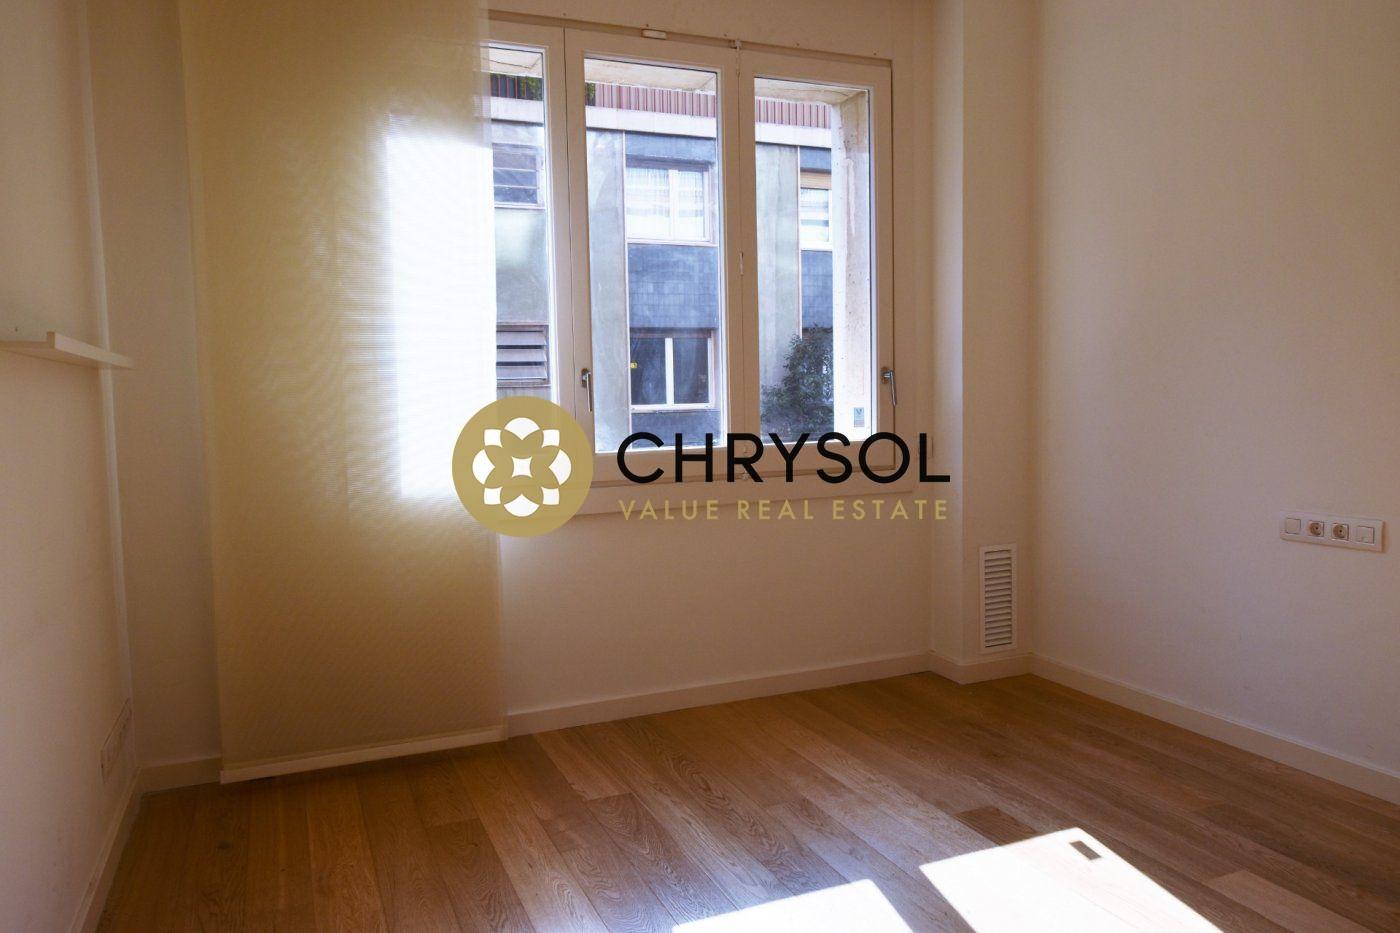 Fotogalería - 22 - Chrysol Value